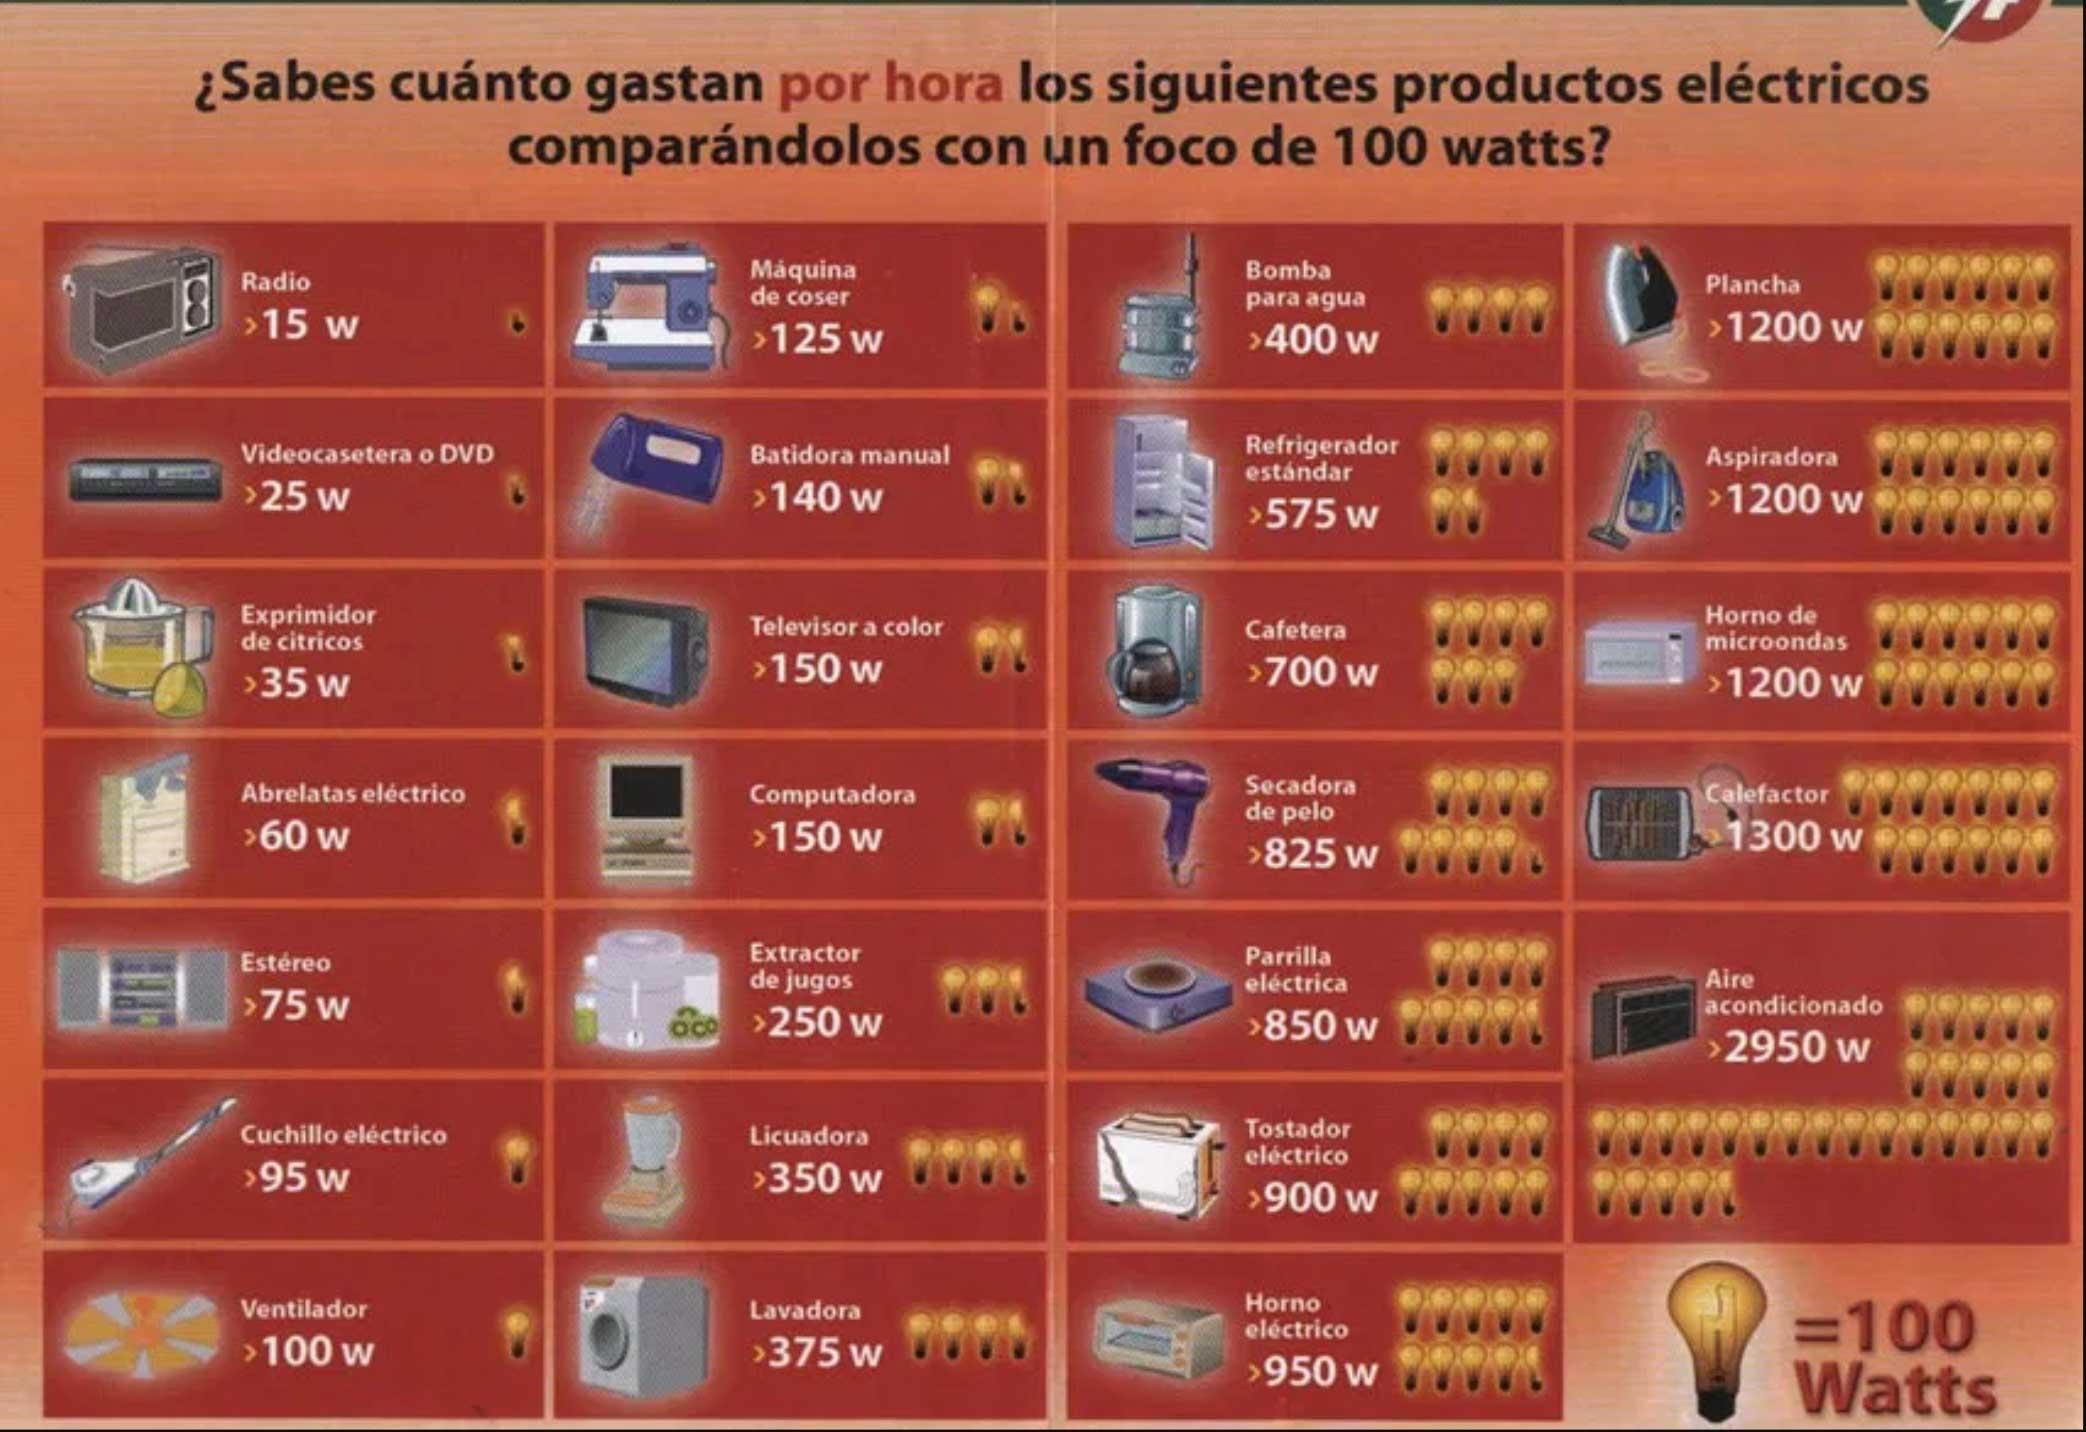 tabla_consumos_energeticos_electrodomesticos